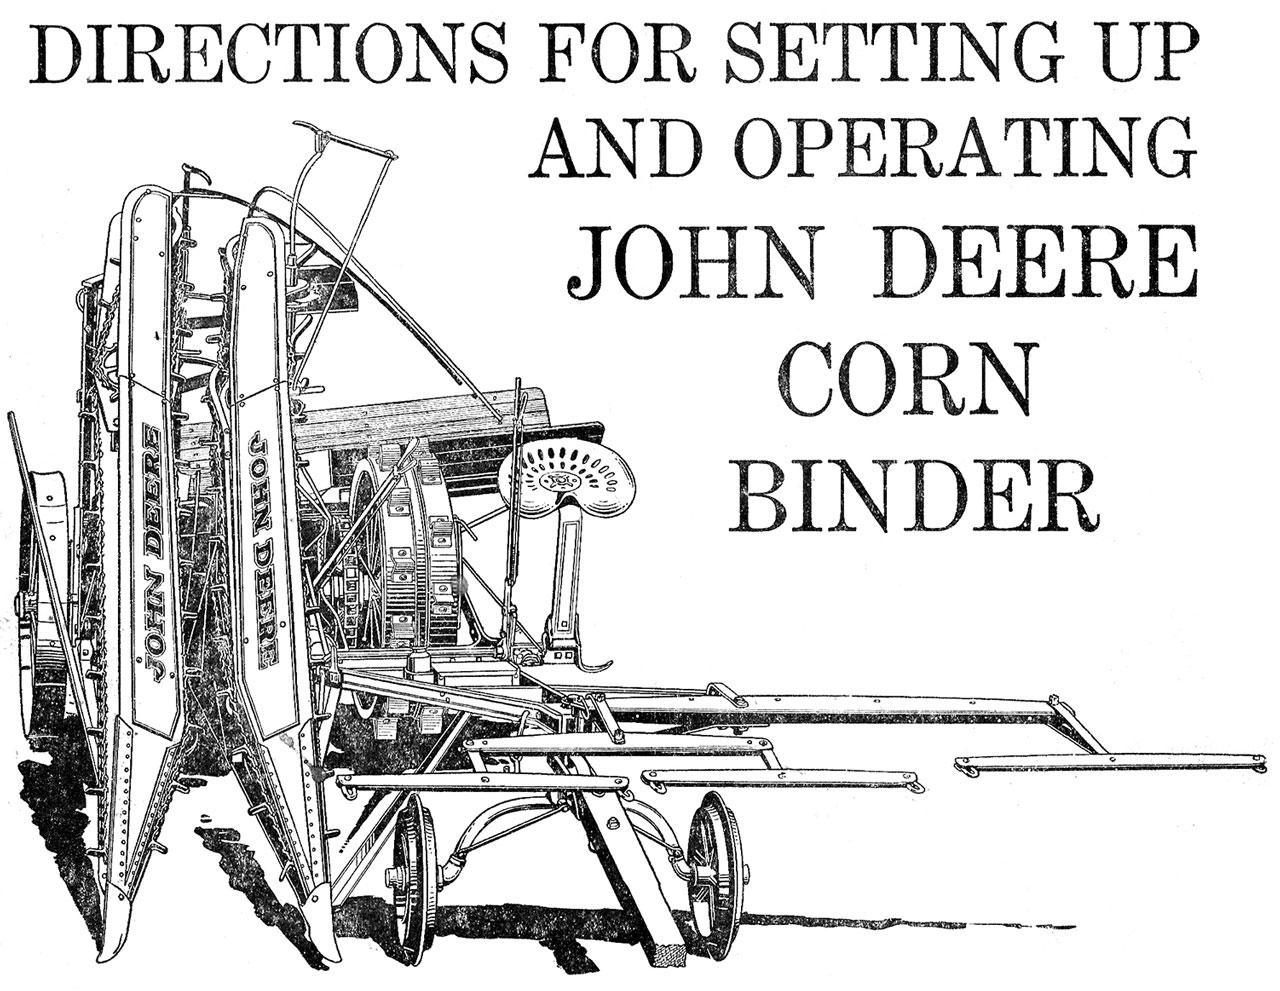 John Deere Corn Binder